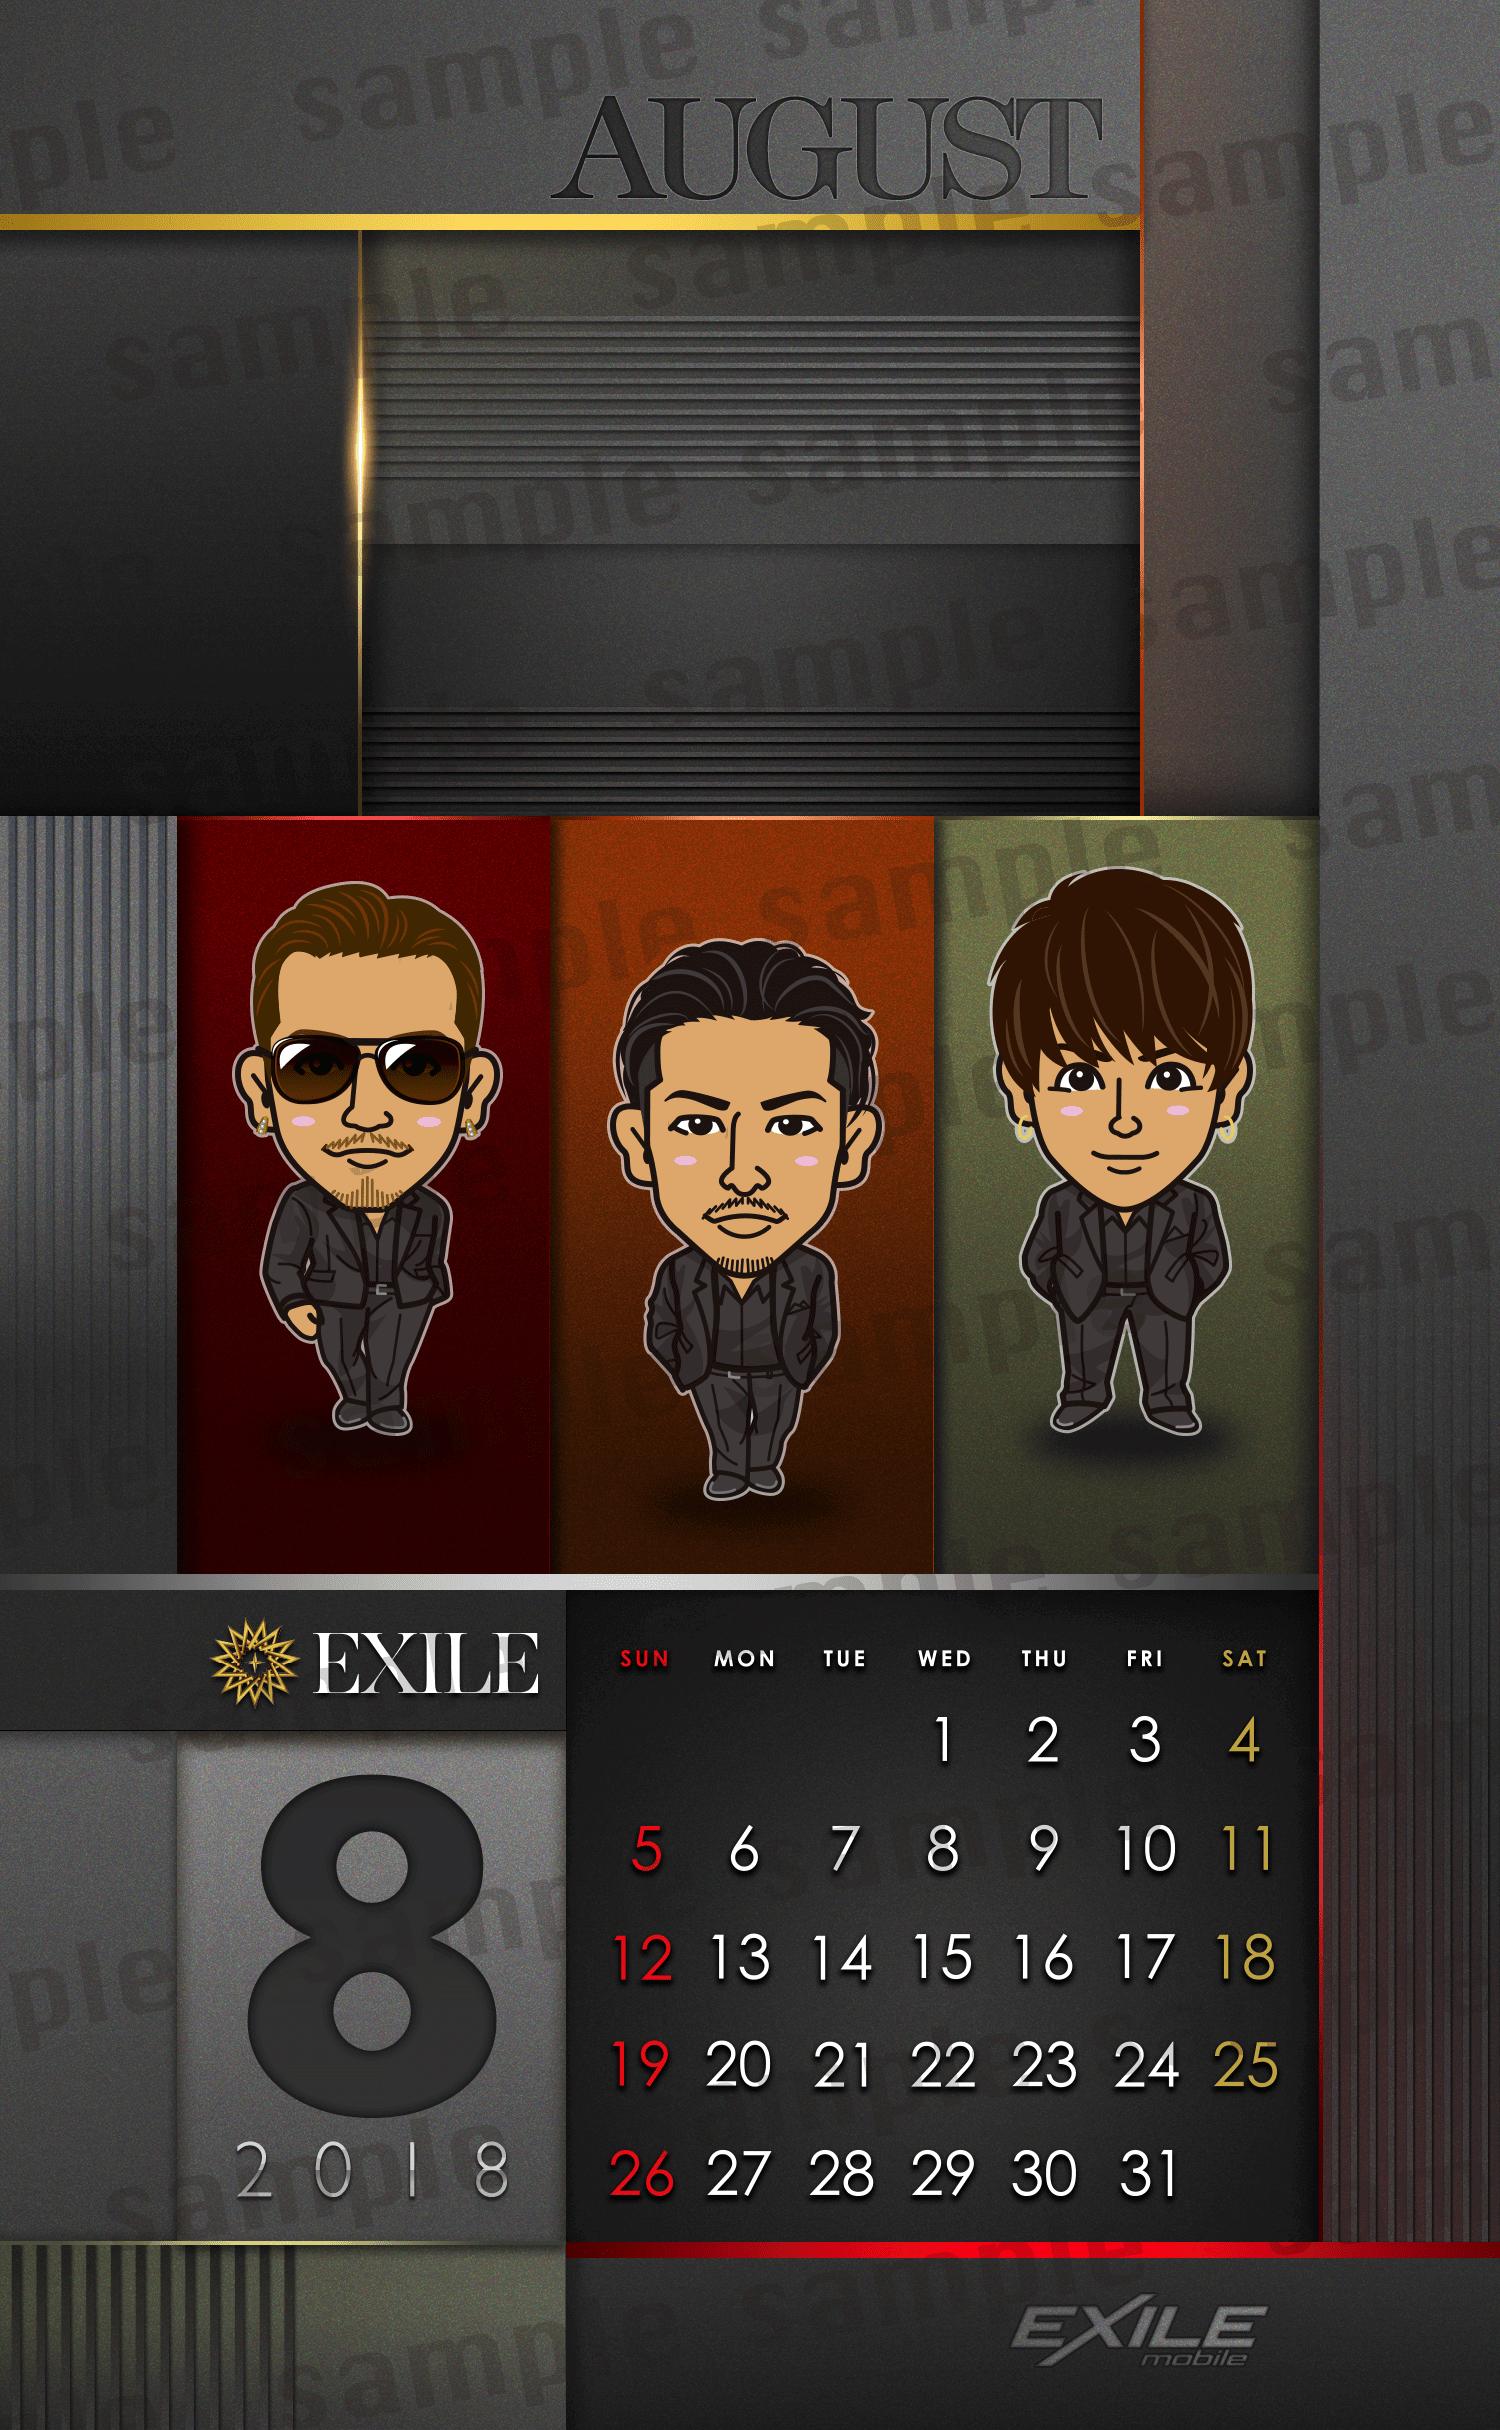 1ヶ月継続会員にプレゼント Exile Mobile会員限定 オリジナルカレンダー 配信スケジュール一覧 Exile Mobile